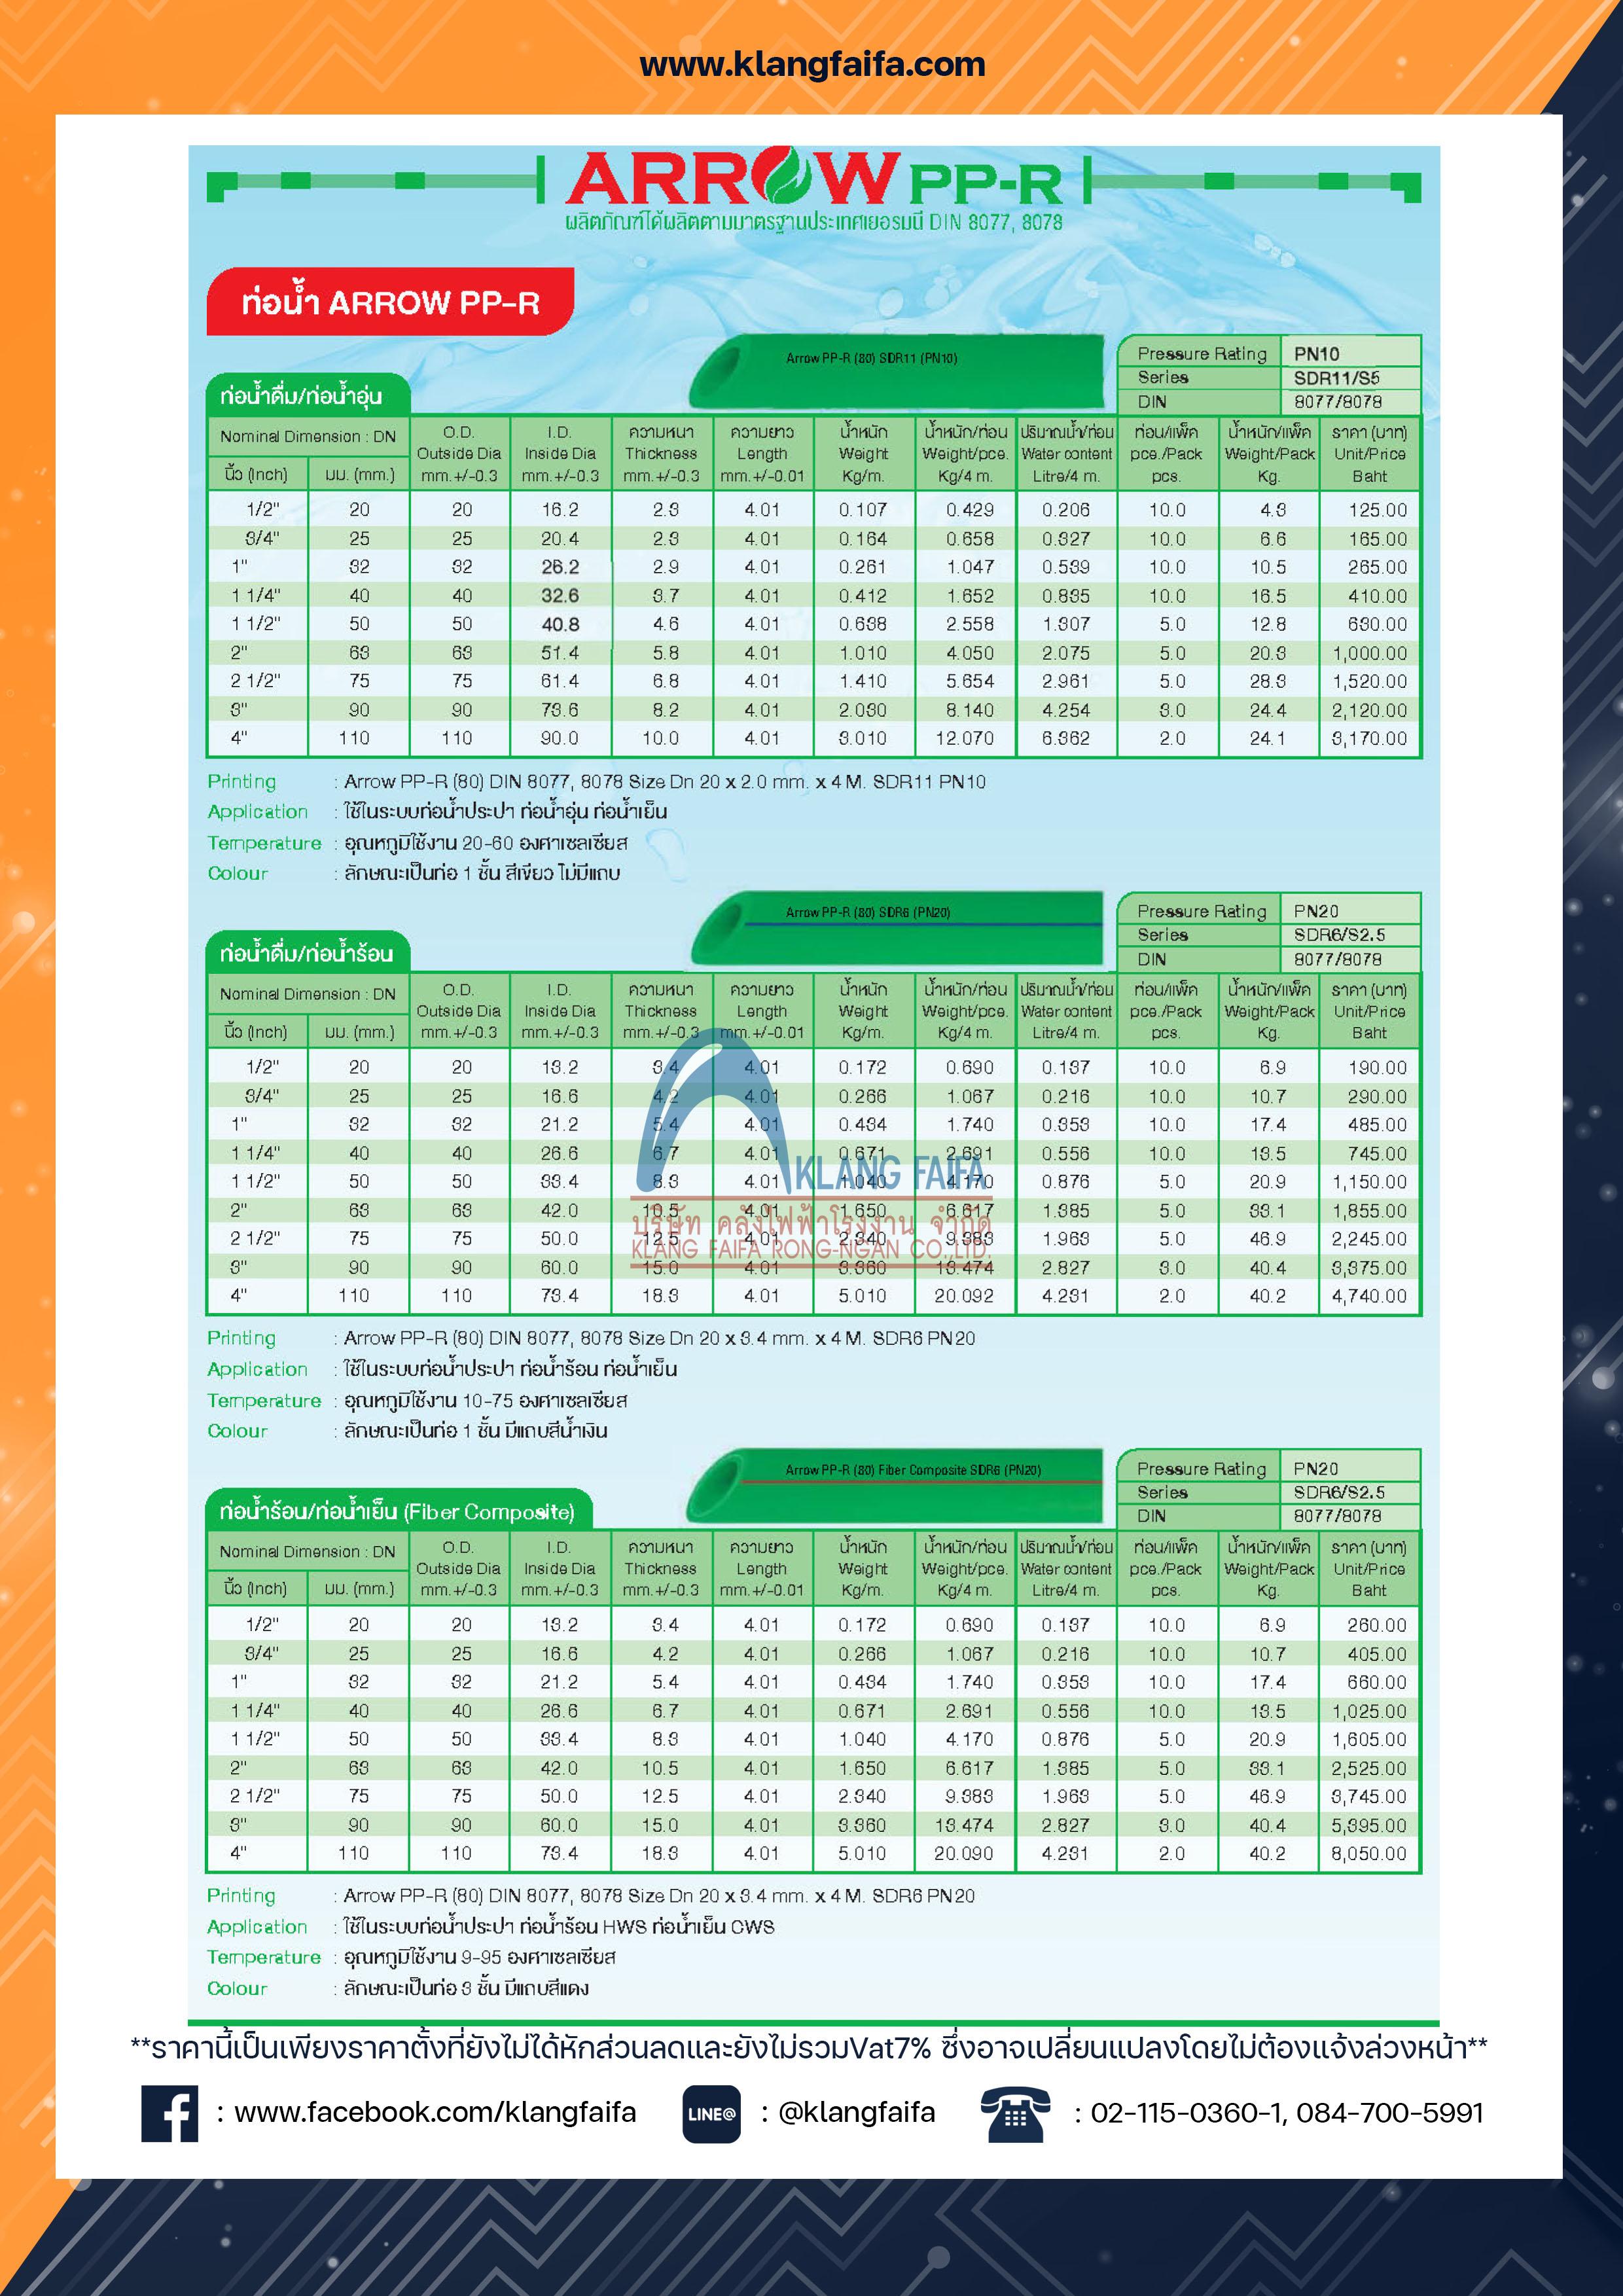 ท่อพีพีอาร์,ท่อppr,ท่อน้ำARROW_PPR,ท่อเขียว,fittingท่อPPR